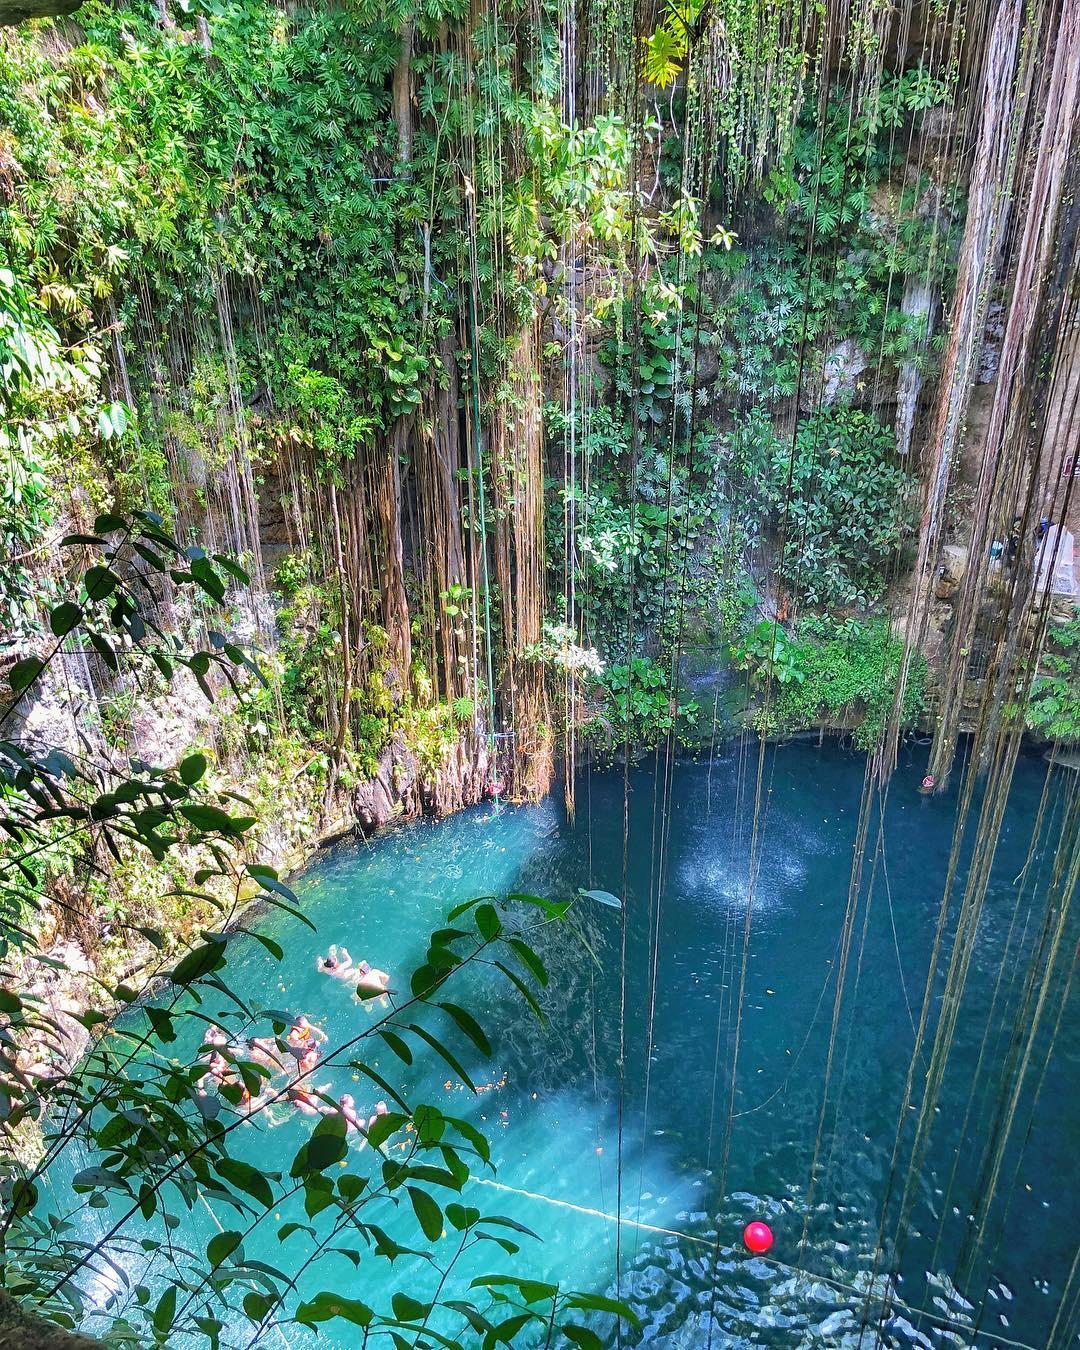 cenote ikkil, top yucatan cenotes, los mejores cenotes de yucatan valladolid